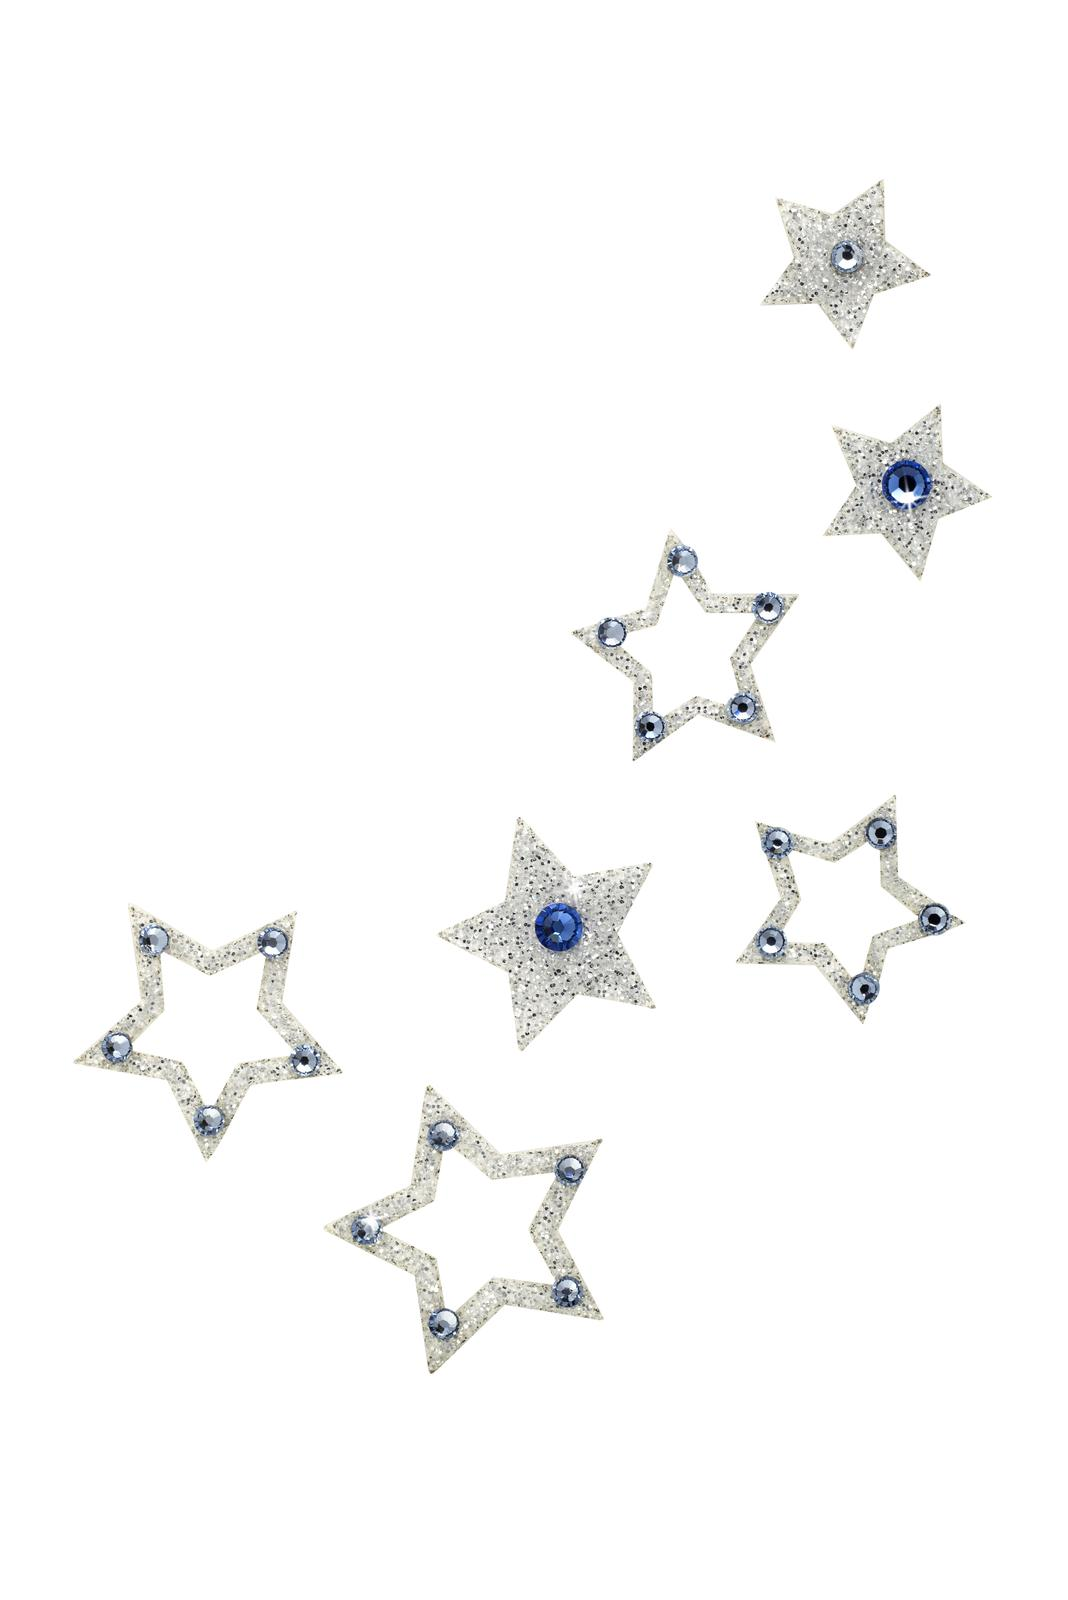 SO.nia nalepovací šperk Fame modrý 7 ks - Obrázek č. 1